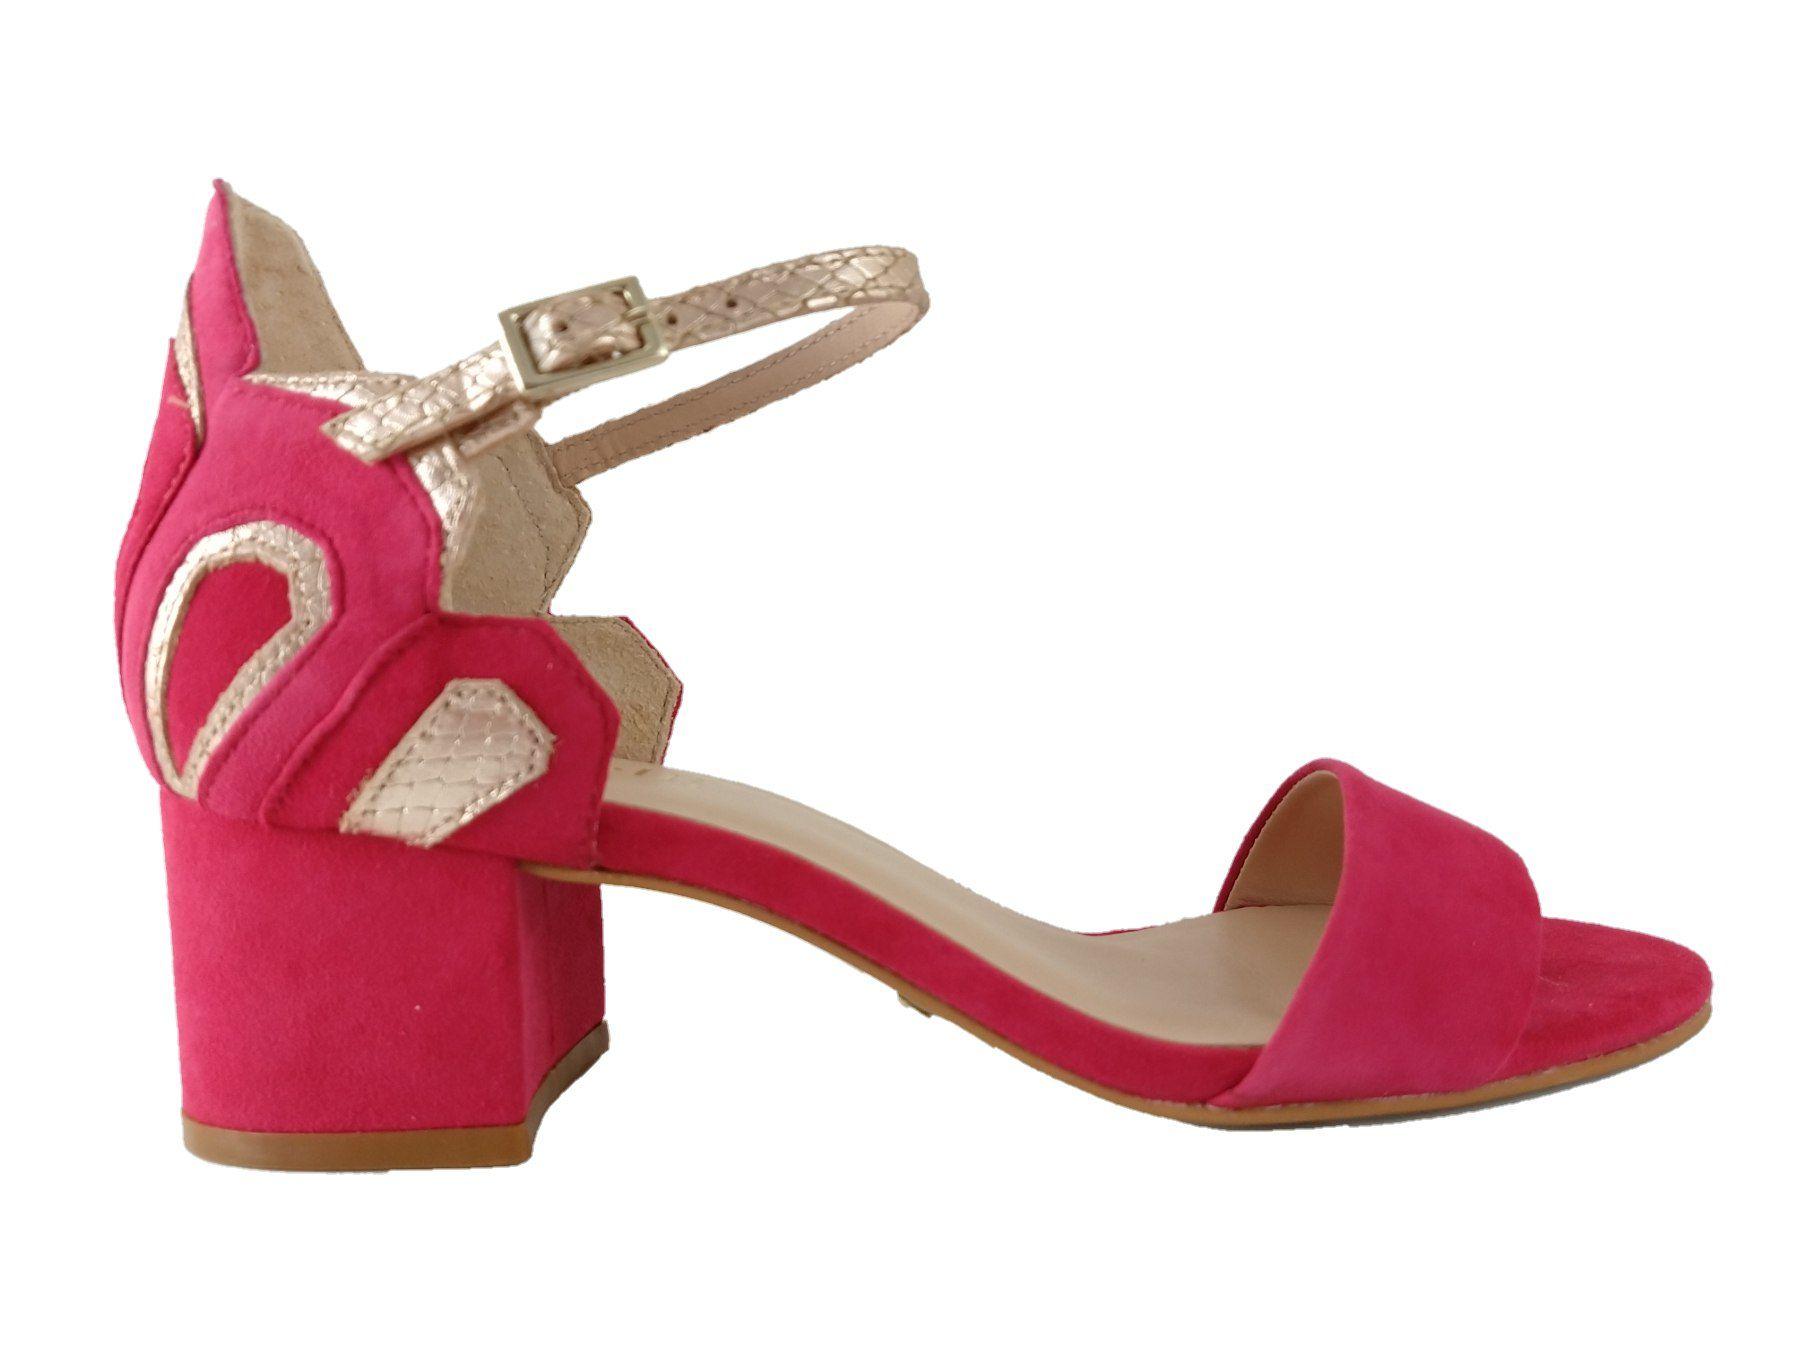 Sandália de Salto SapatoWeb by Minelli Couro Pink  - SAPATOWEB.COM